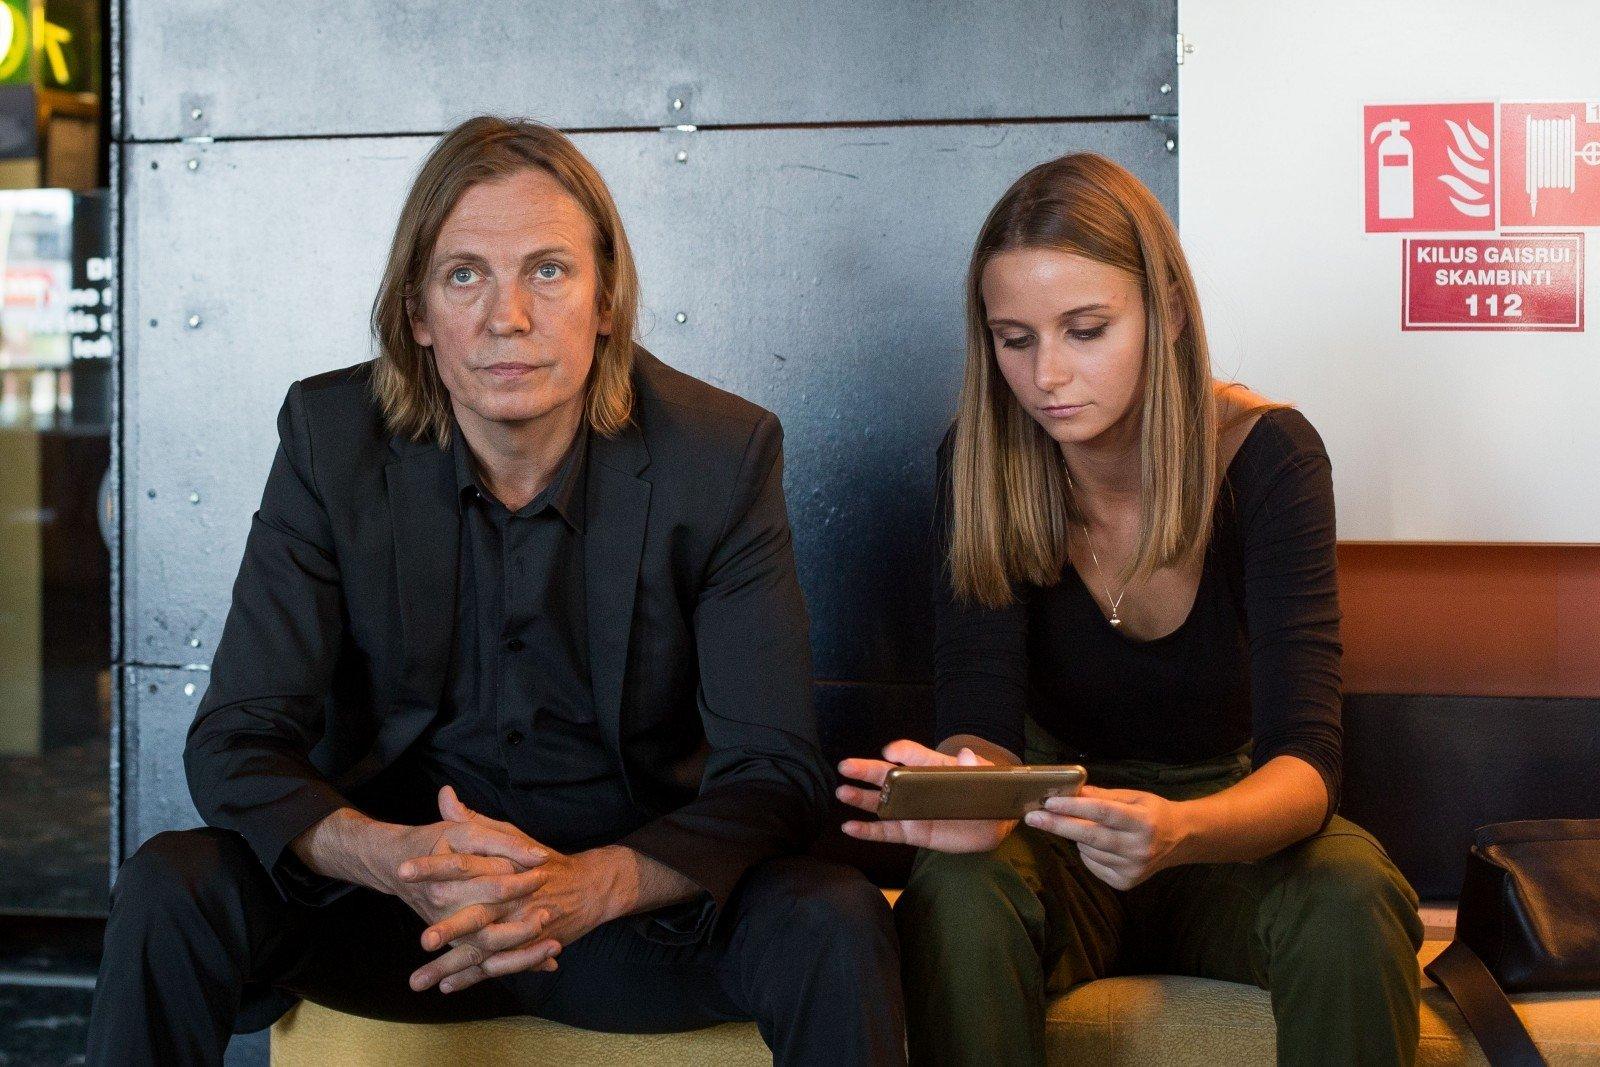 ВЛитве артистка обвинила кинорежиссера вдомогательствах